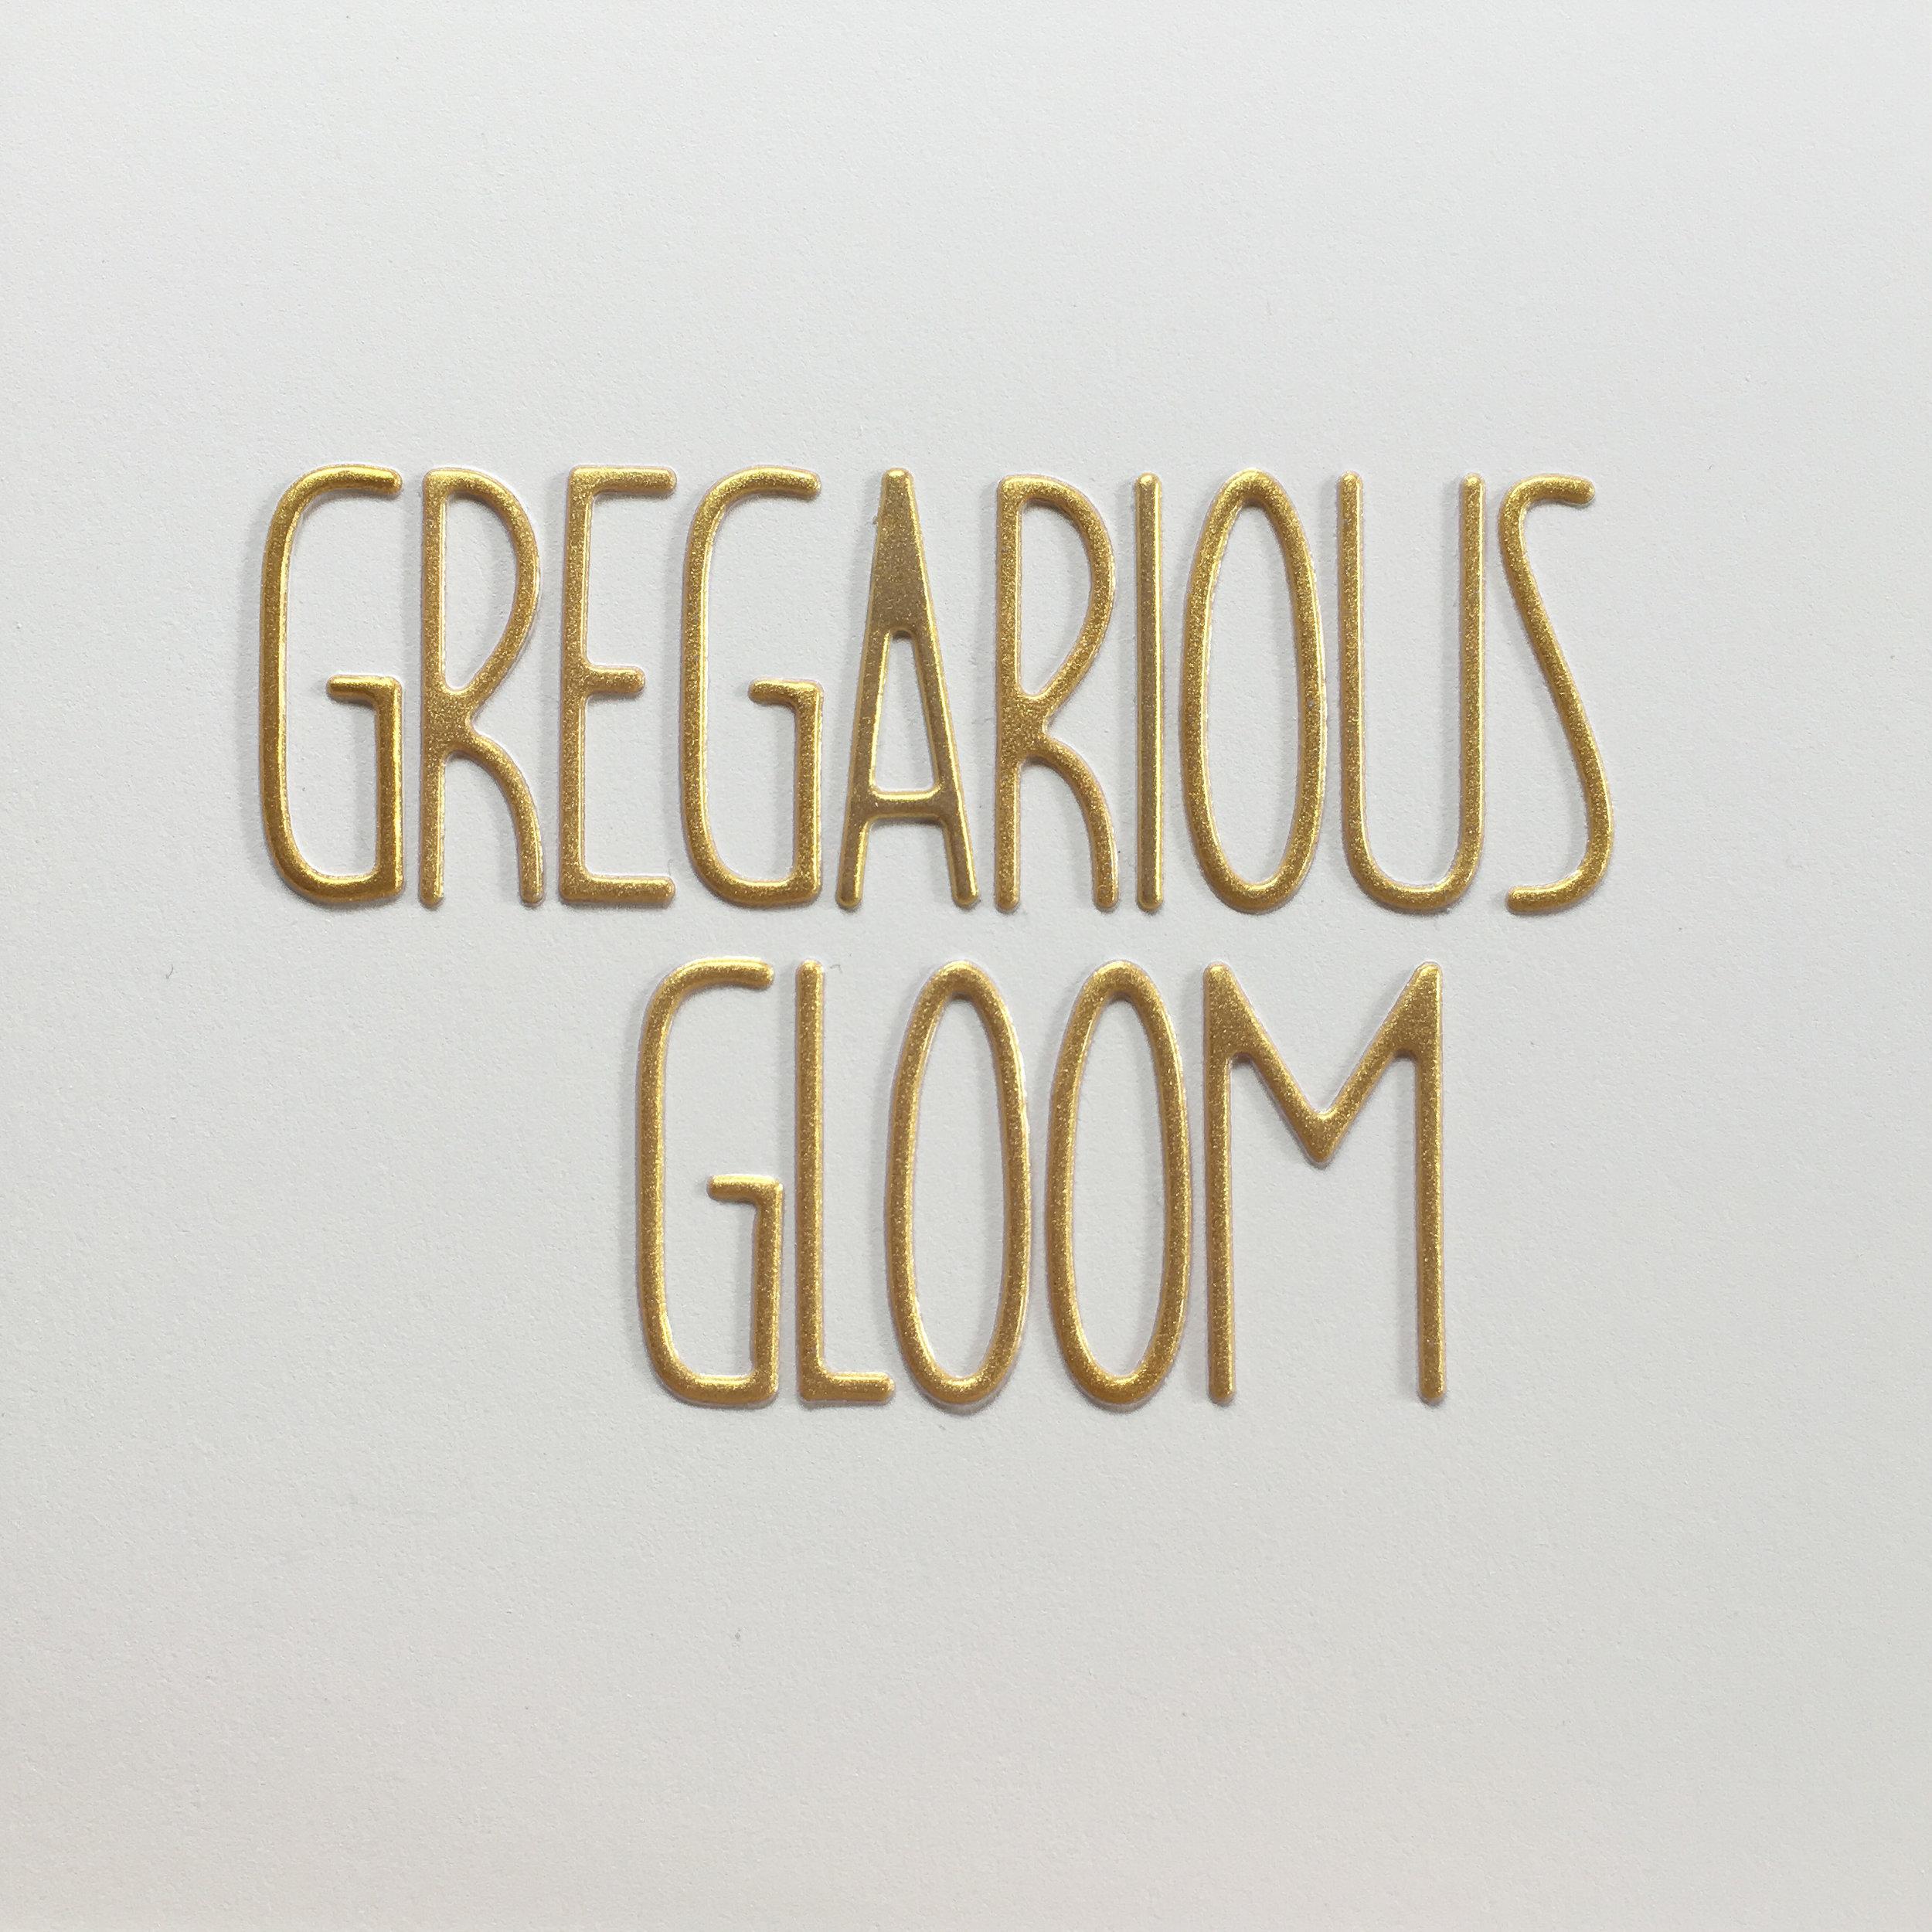 gregarious gloom.jpg